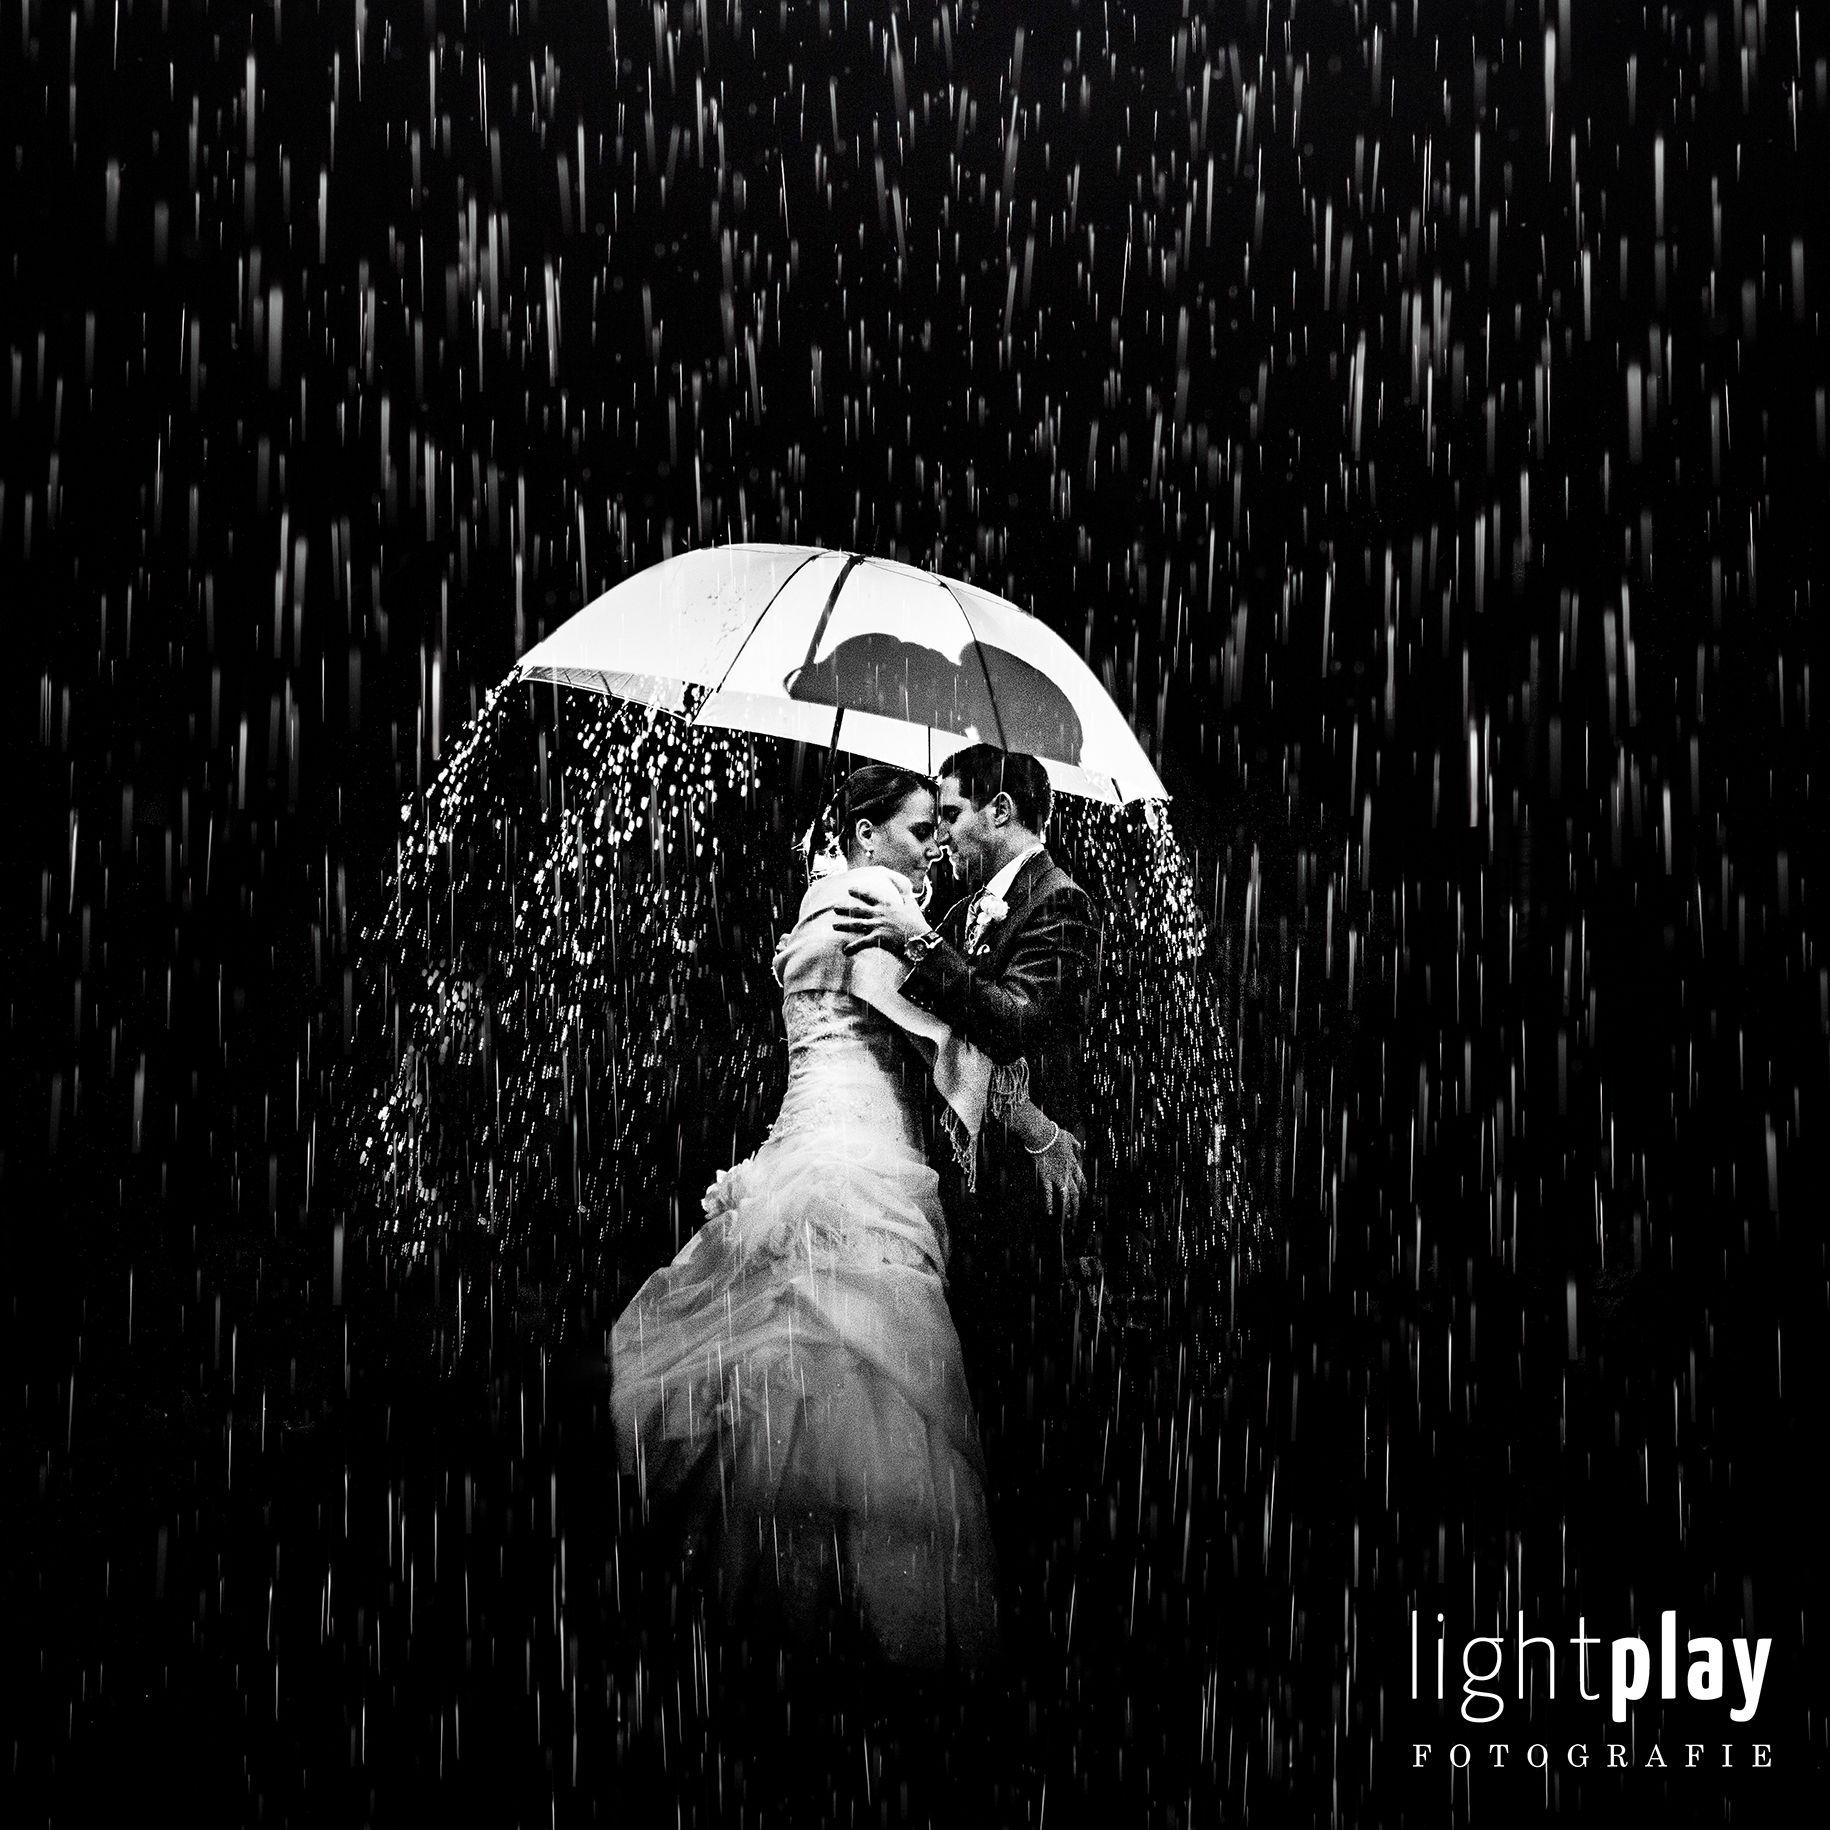 Hochzeitsfotografie Brautpaar Fotoshooting Im Regen Schlechtwetter Photo Ideas Rainy Wedding Day Regen Hochzeit Hochzeitsfotografie Hochzeitsfoto Regen